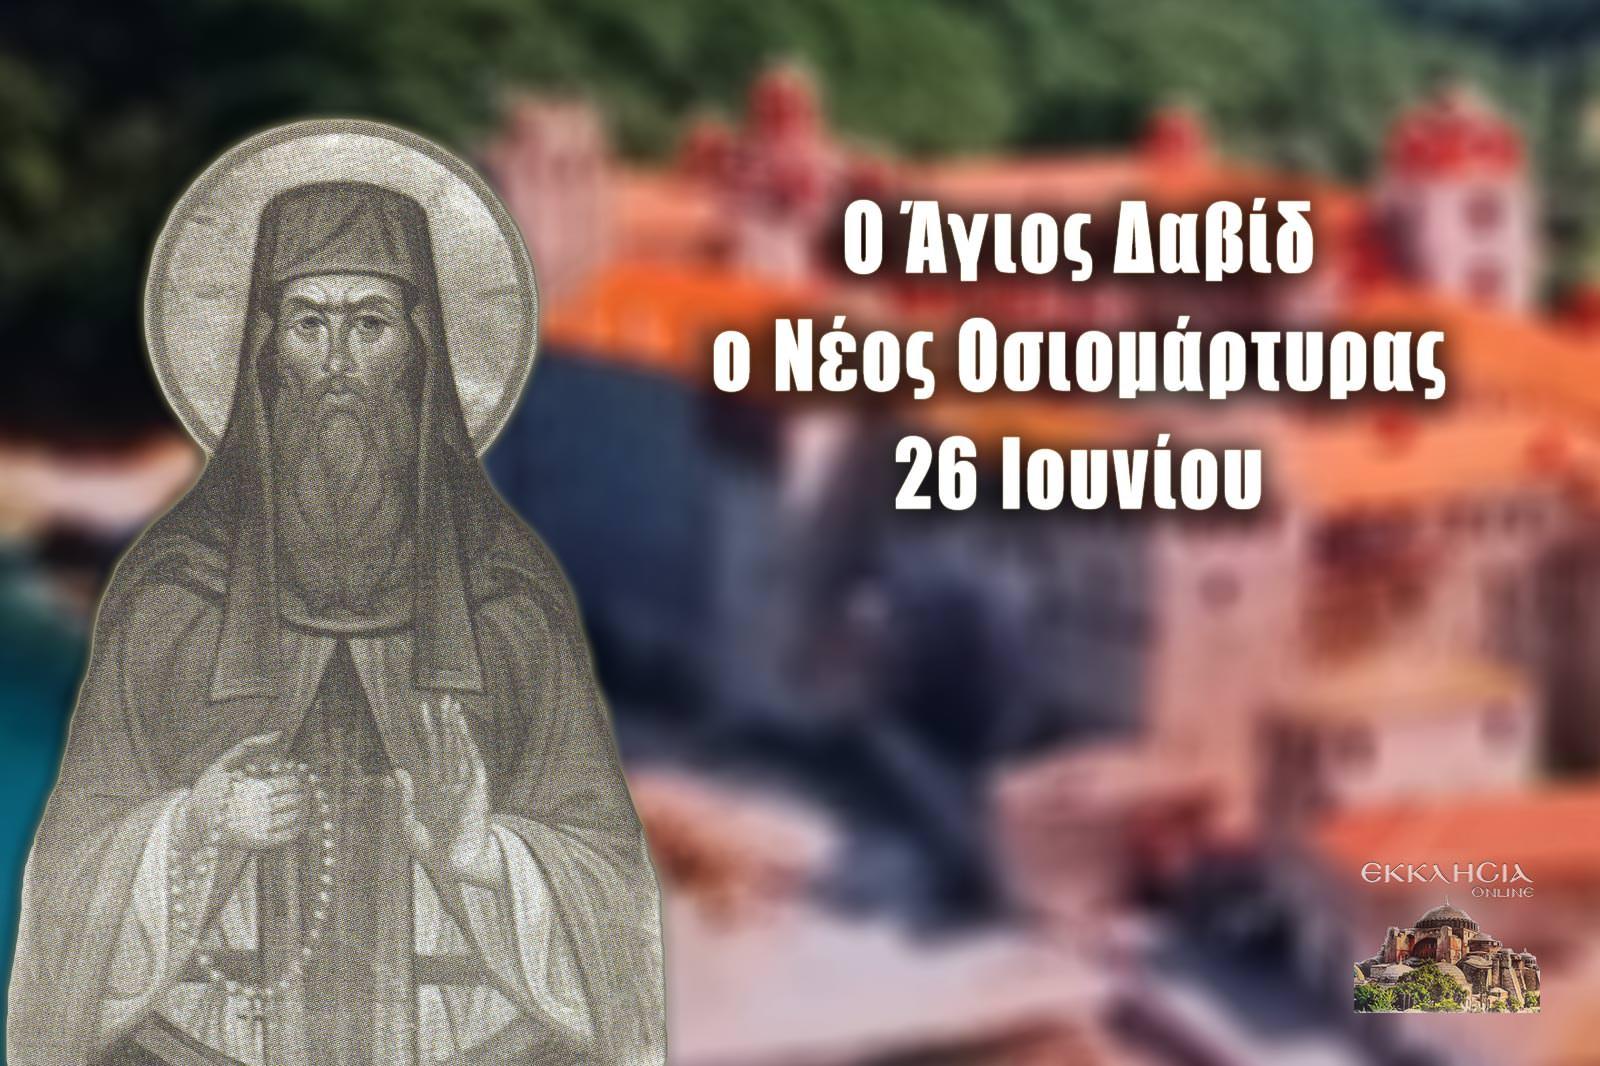 Άγιος Δαβίδ ο νέος Οσιομάρτυρας 26 Ιουνίου